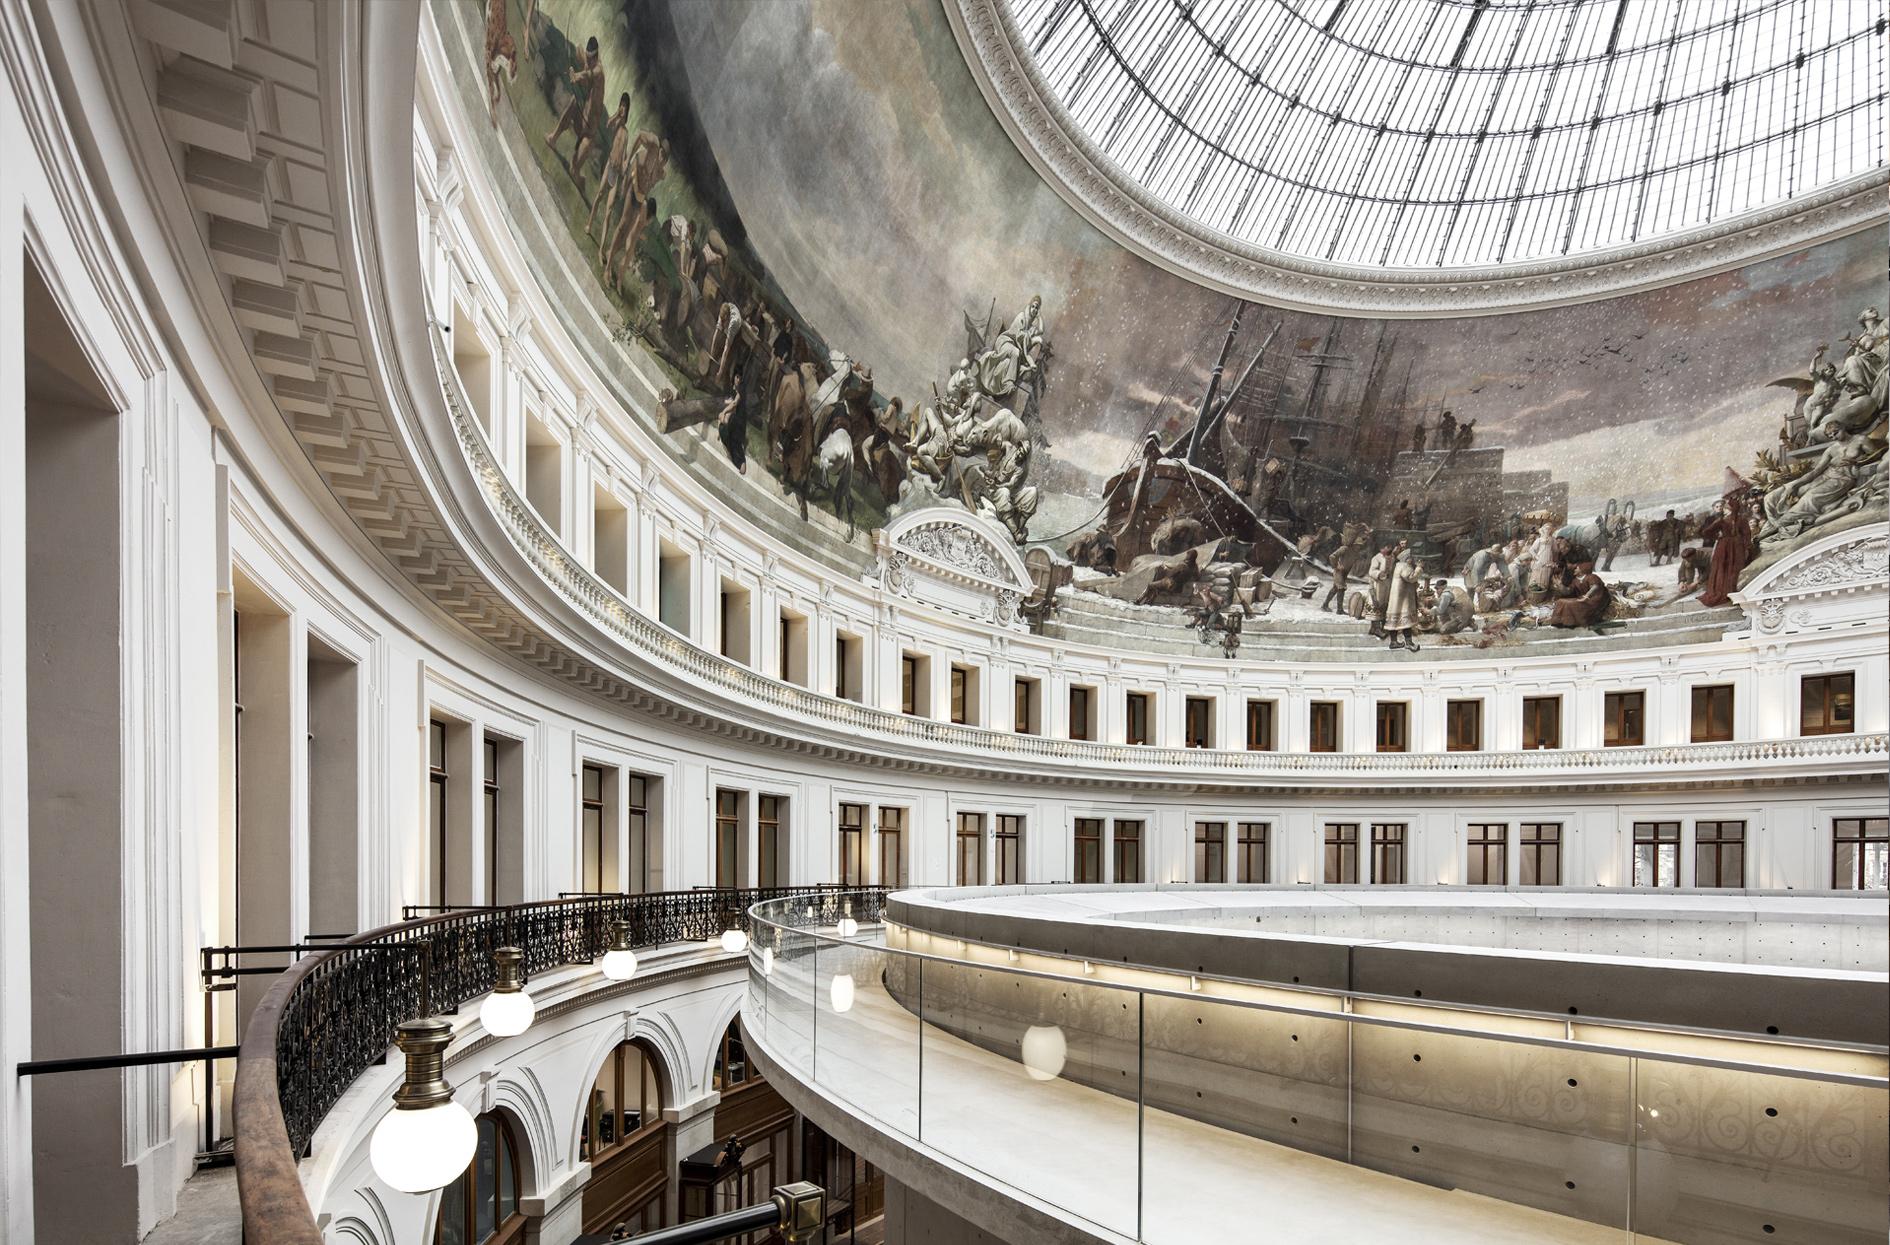 Thumbnail Bourse de Commerce Pinault Collection / 7